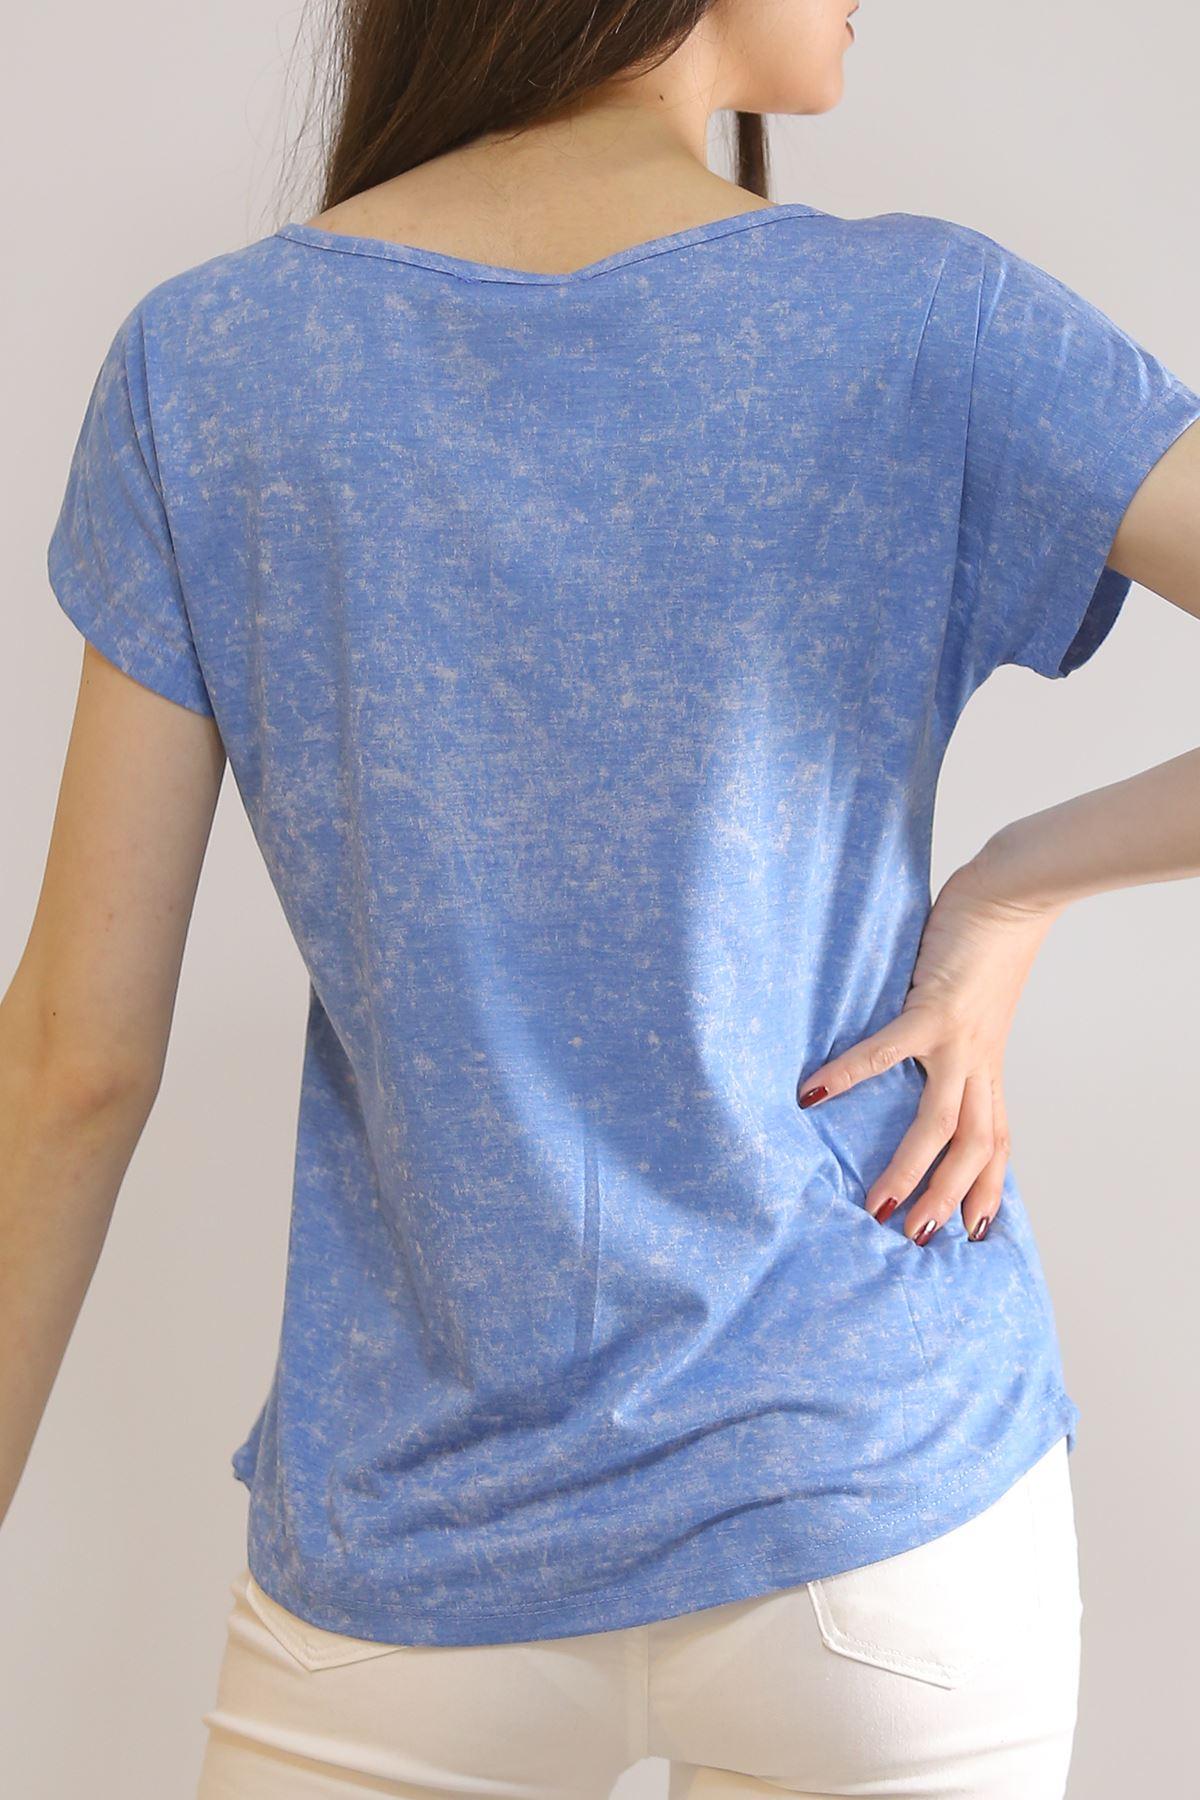 Biritli Yıkamalı Tişört Mavi - 3188.196.